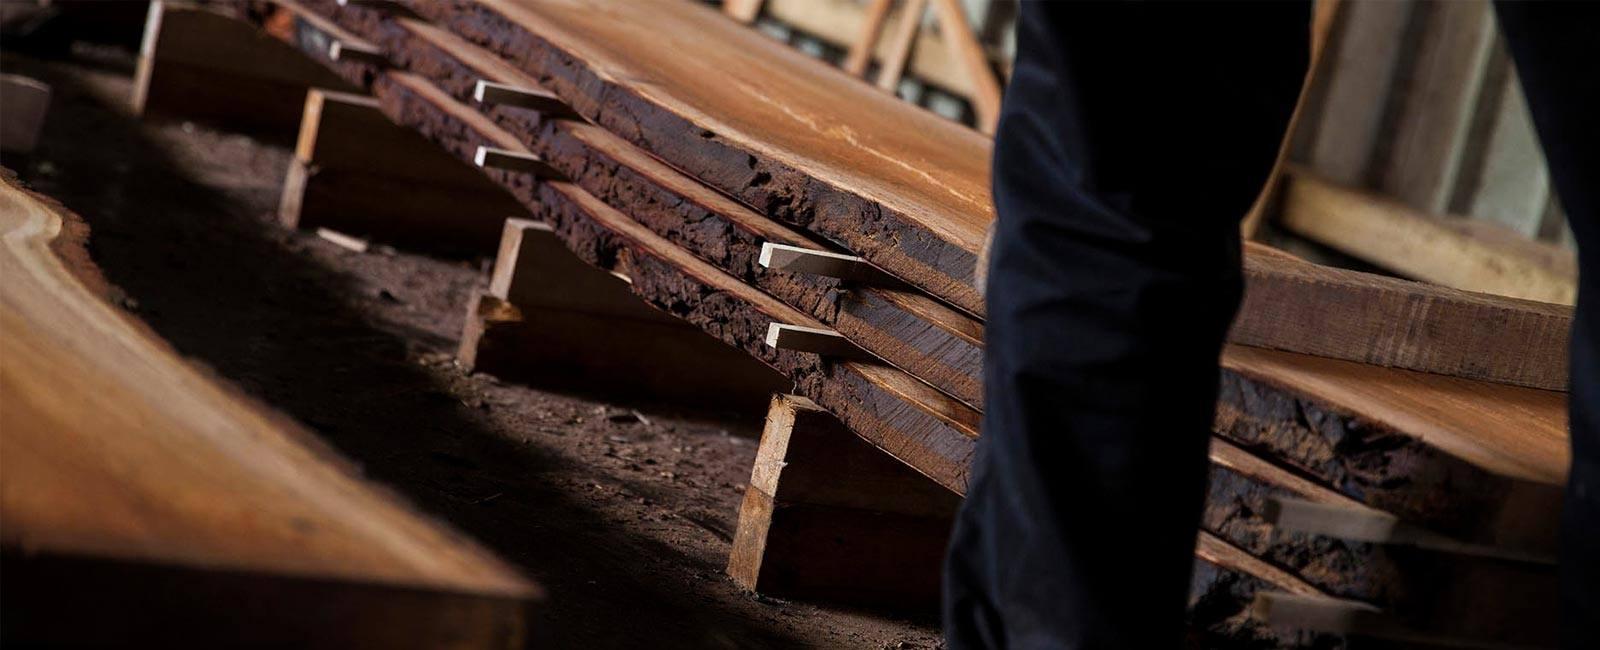 slider-oak-boards-in-stick.jpg.webp